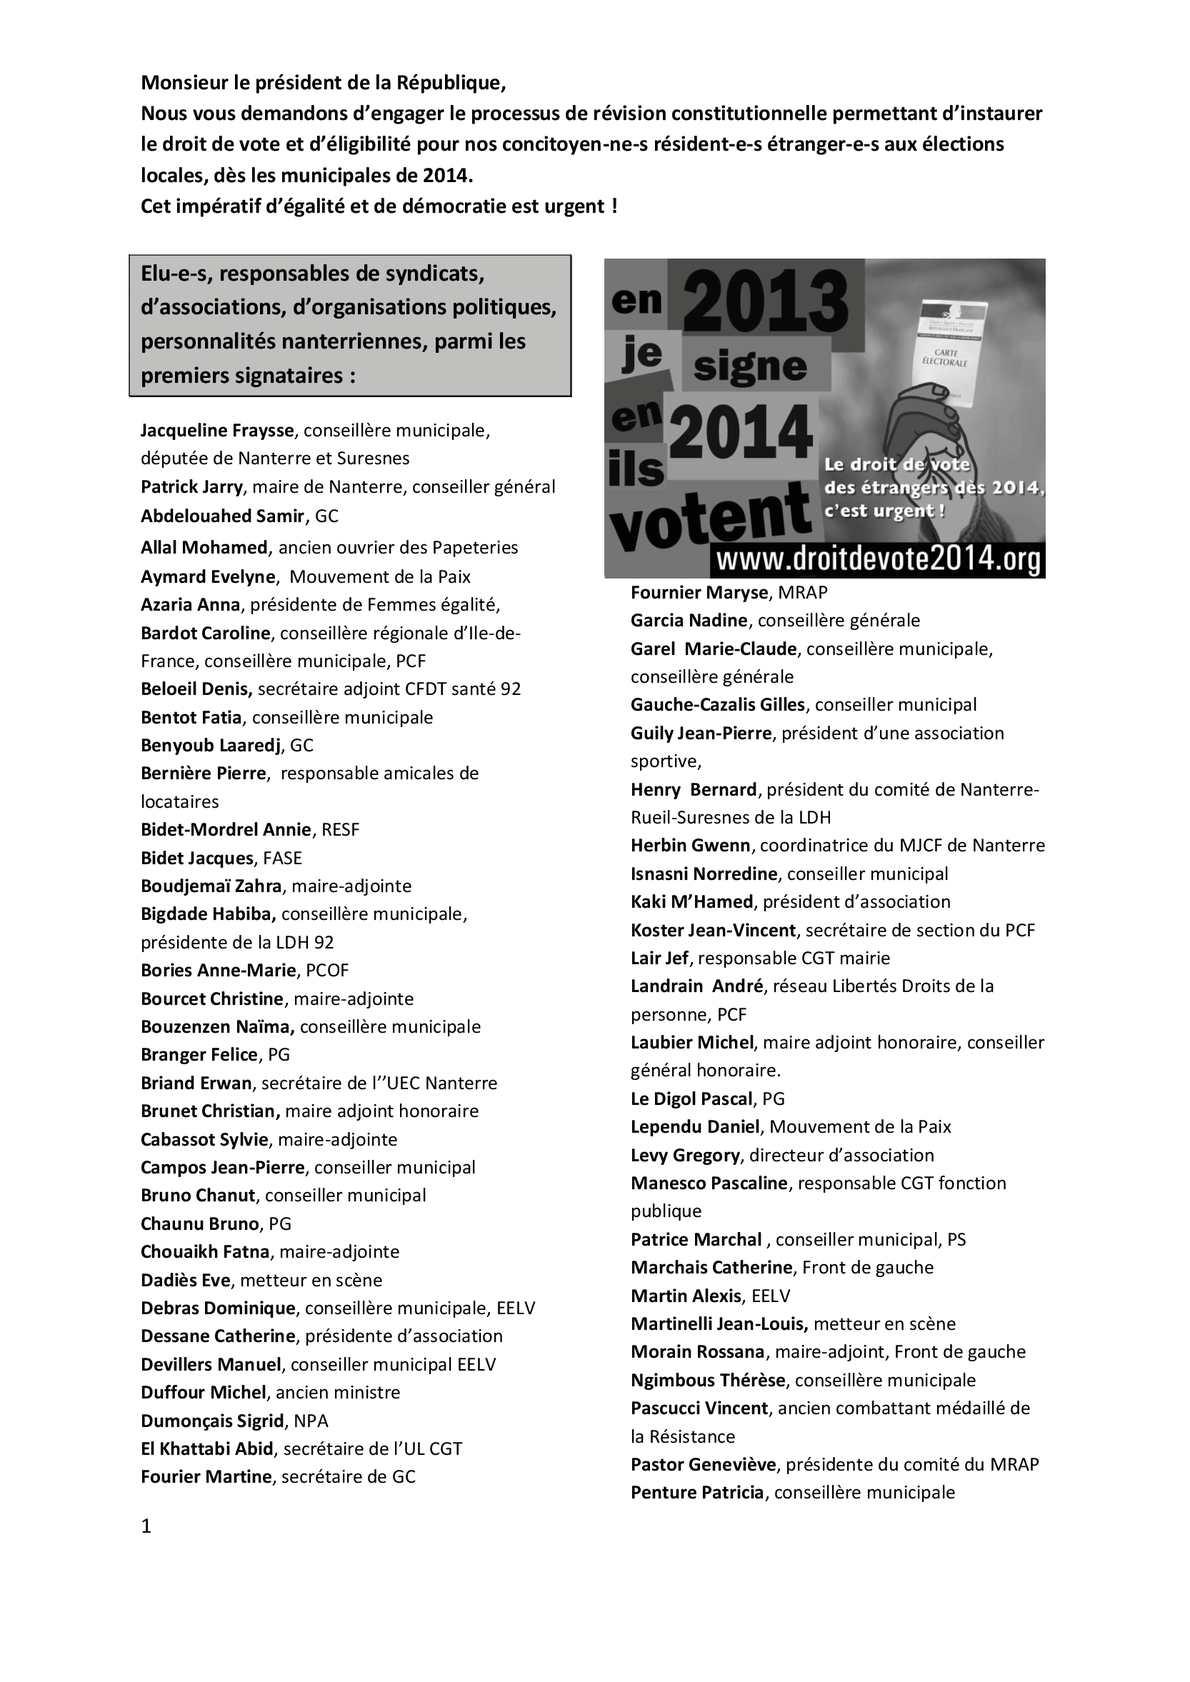 Calam o parmi les 500 premiers signataires nanterriens for Papeterie beloeil